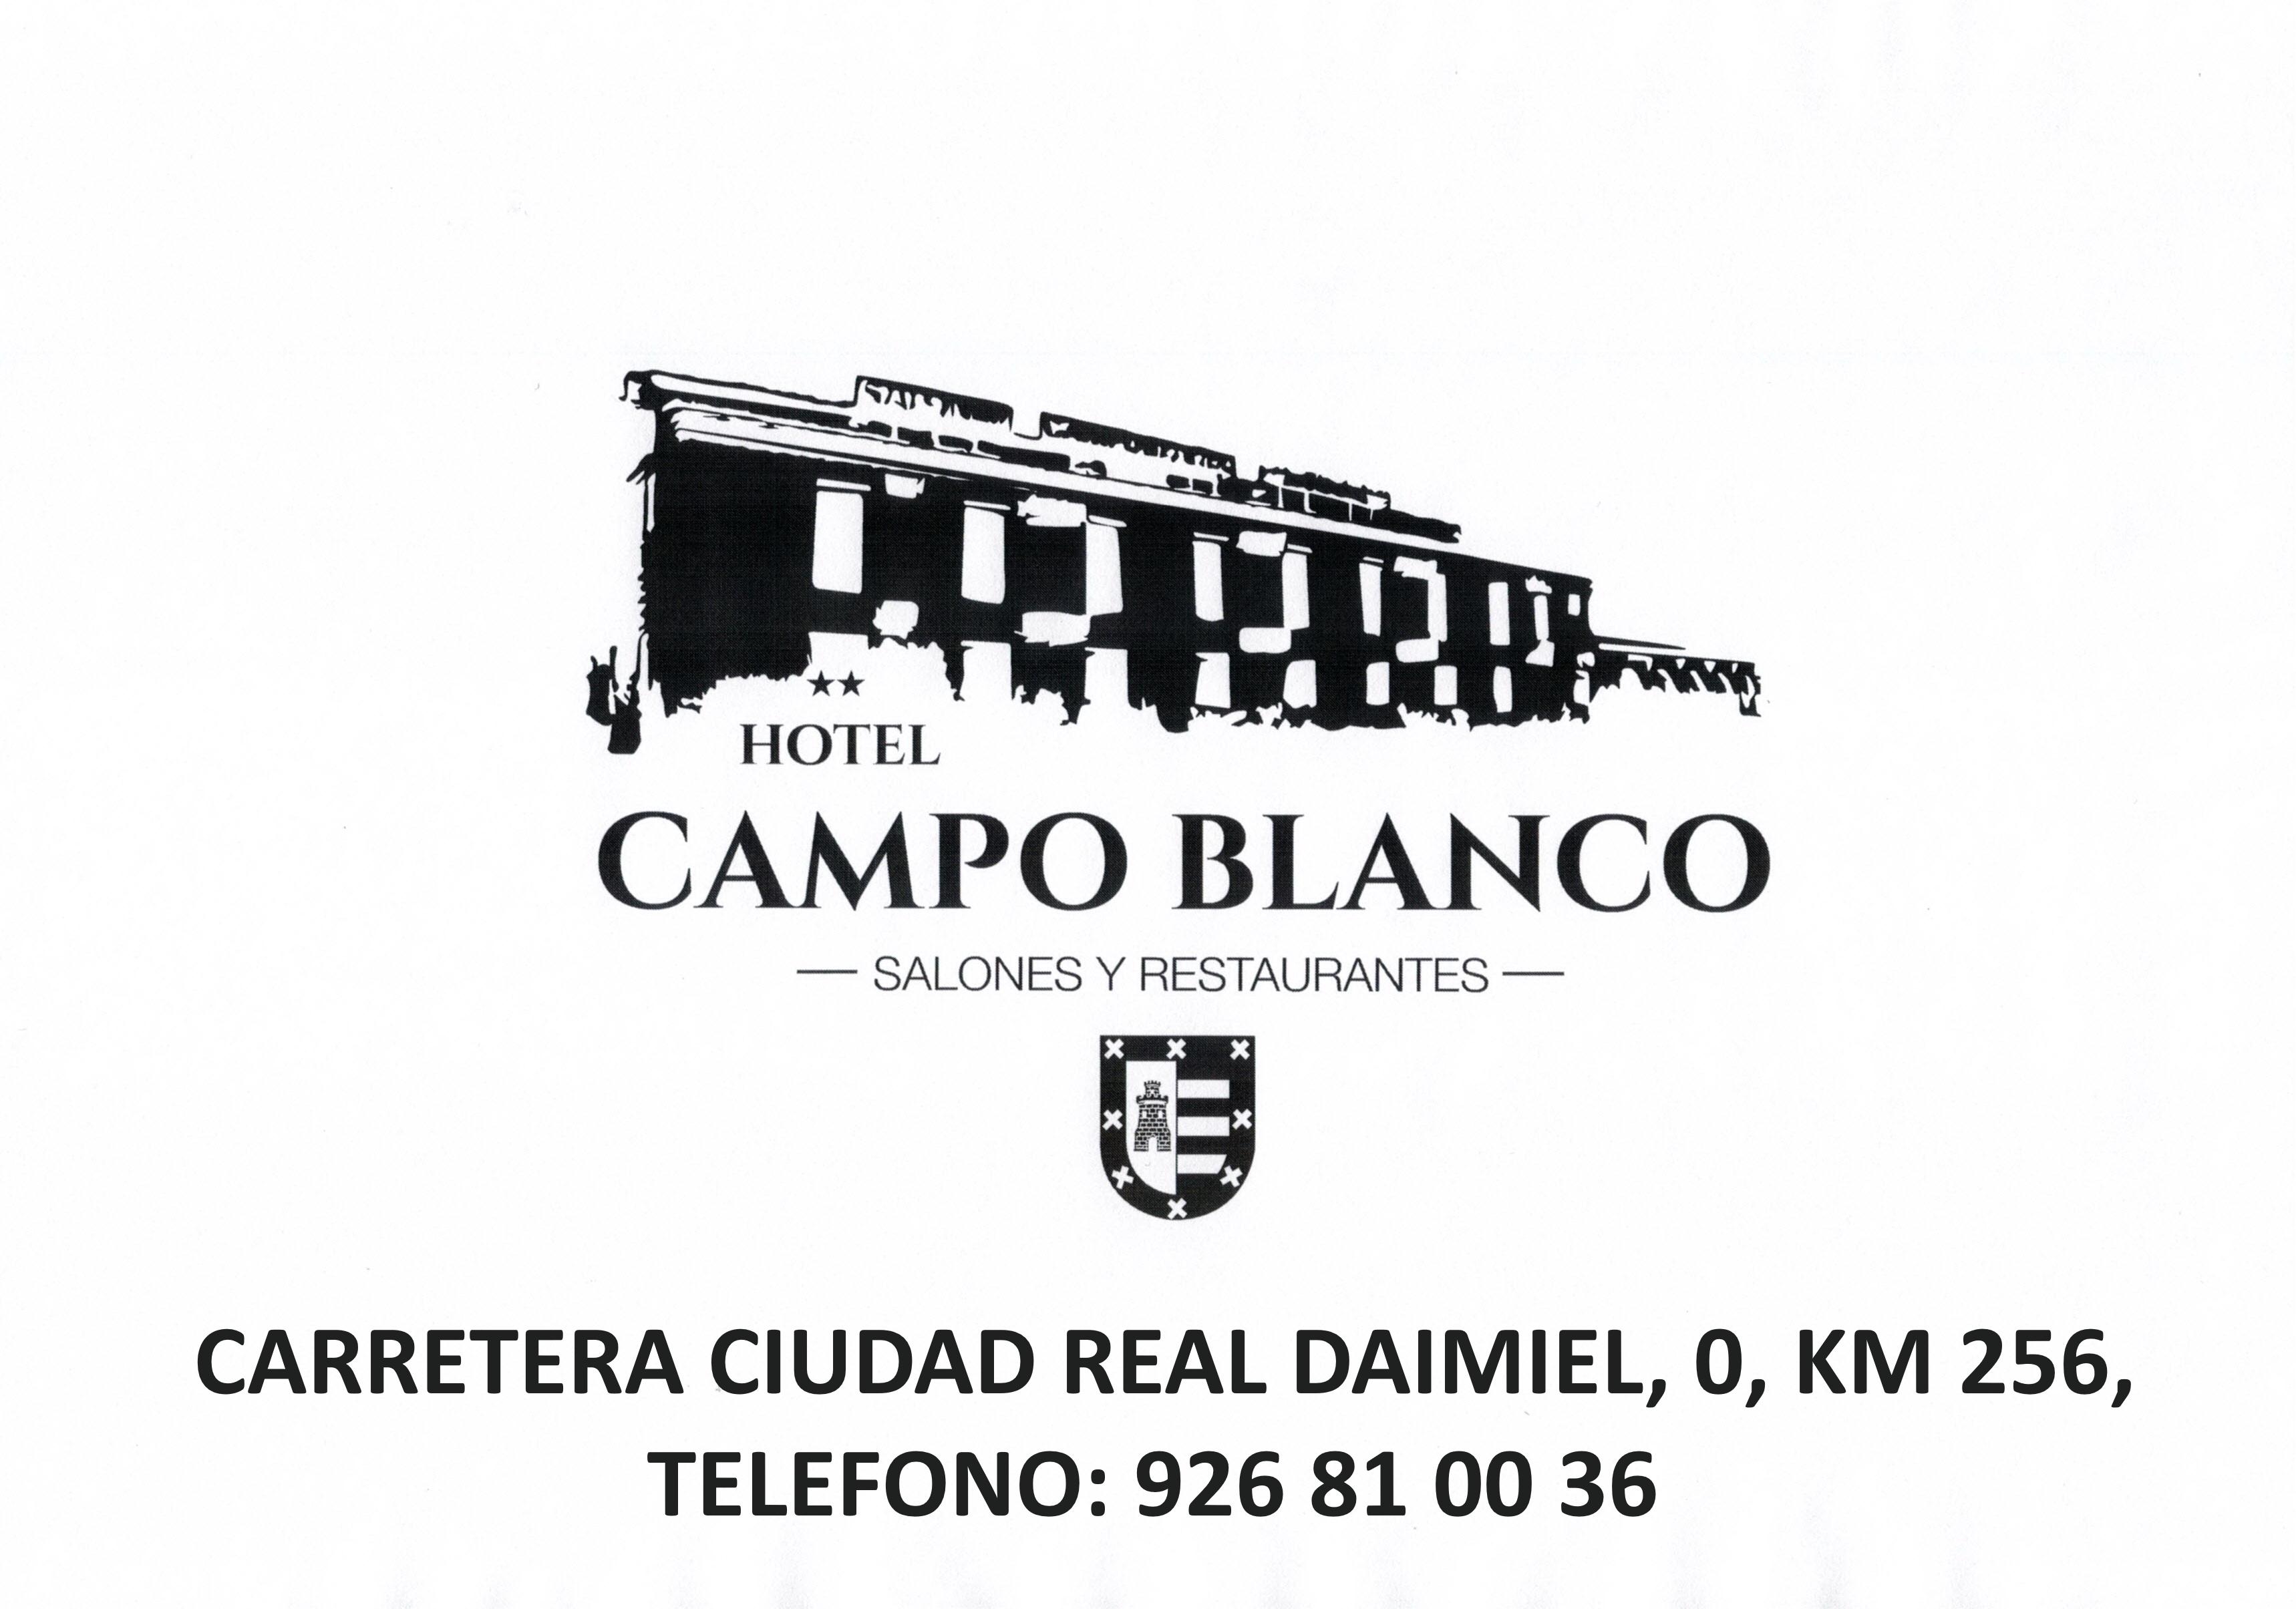 Hotel campoblanco